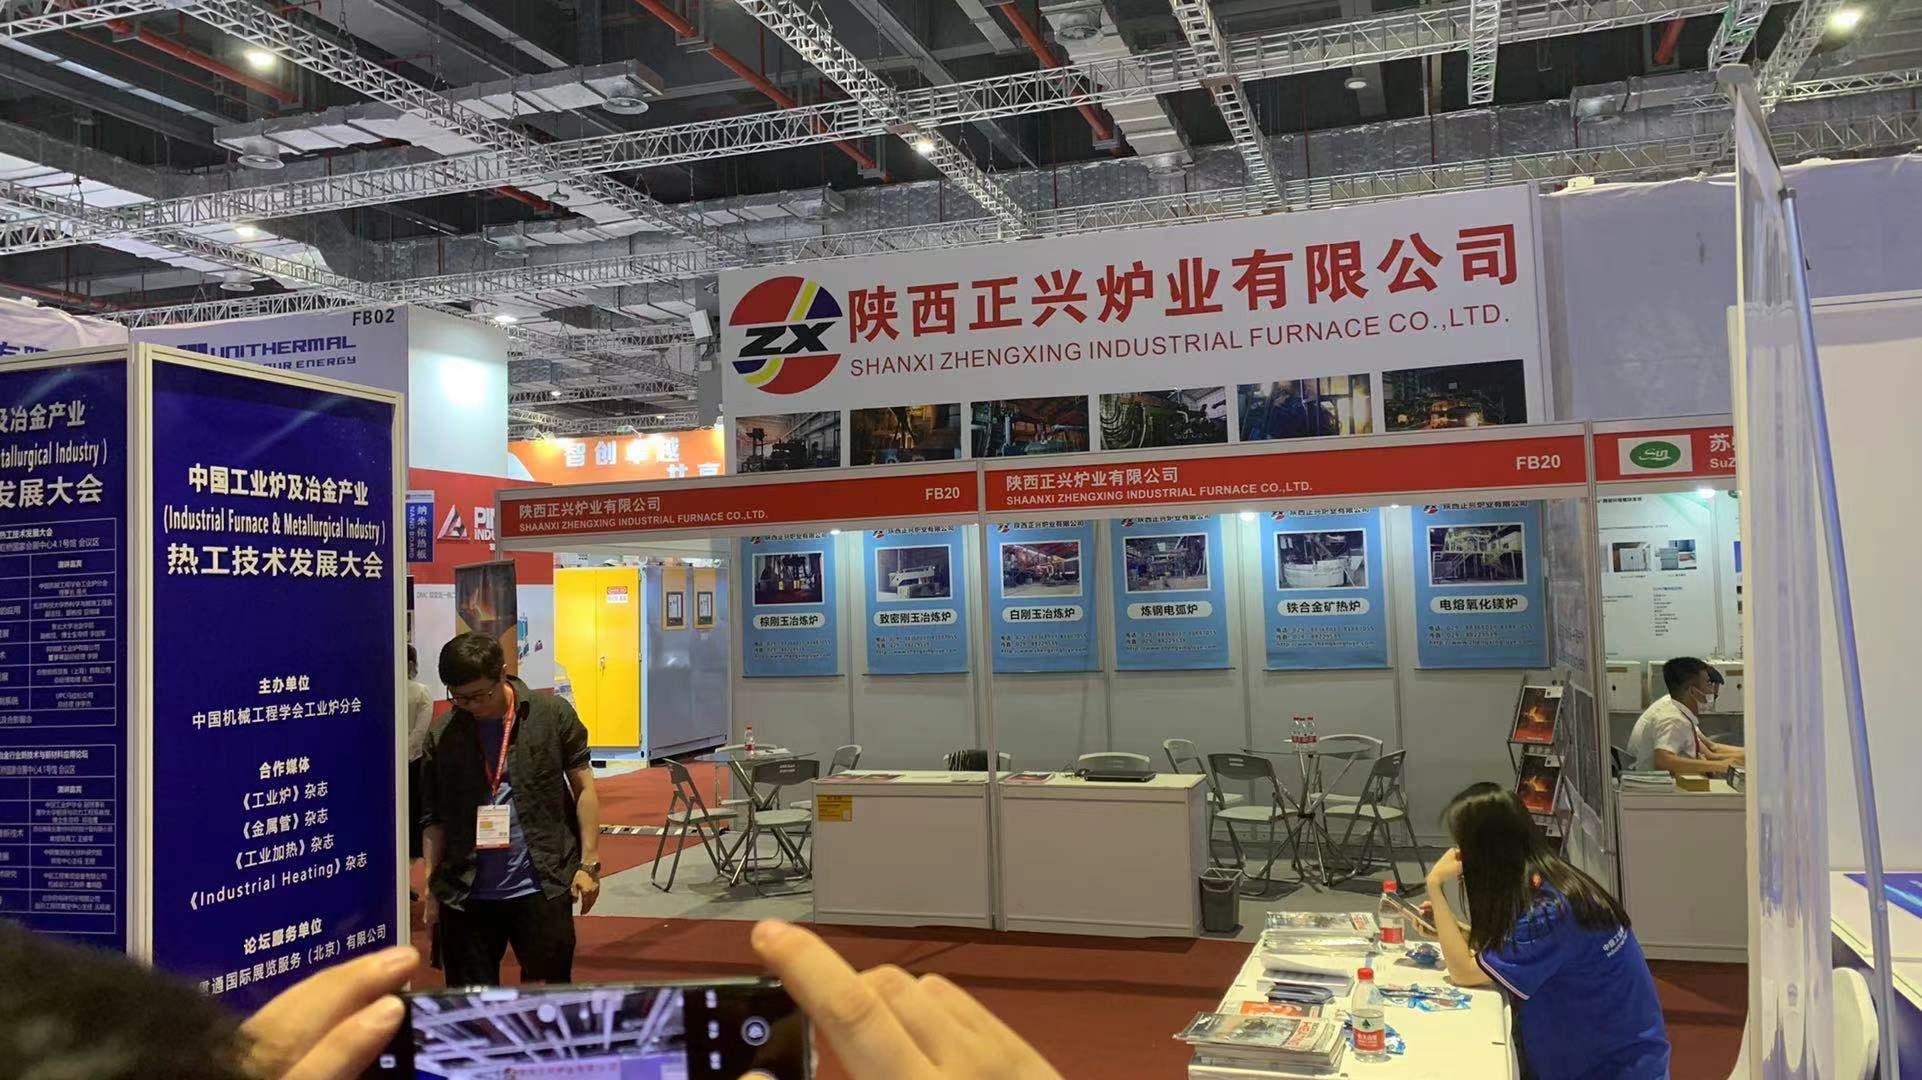 陕西正兴炉业有限公司将参加第十九届业炉及热工技术展览会